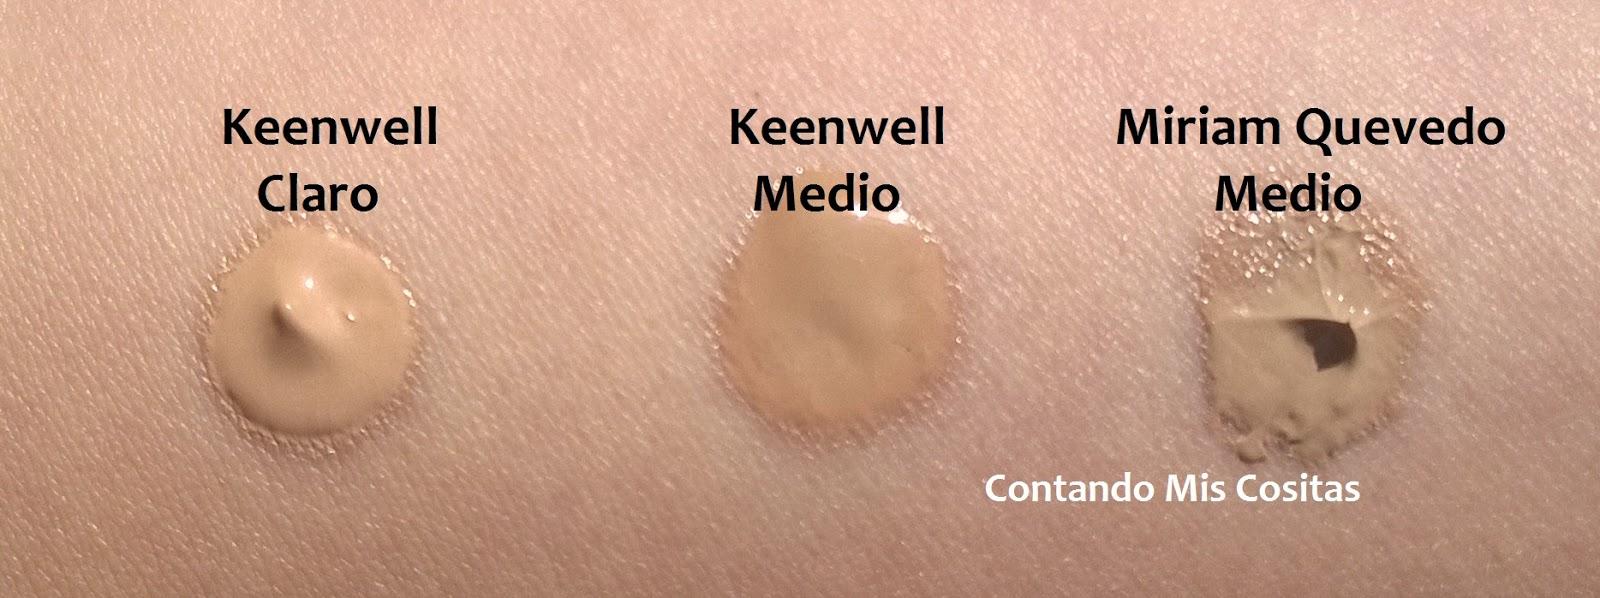 swatch bbcream keenwell miriam quevedo noviembre 2014 octubre